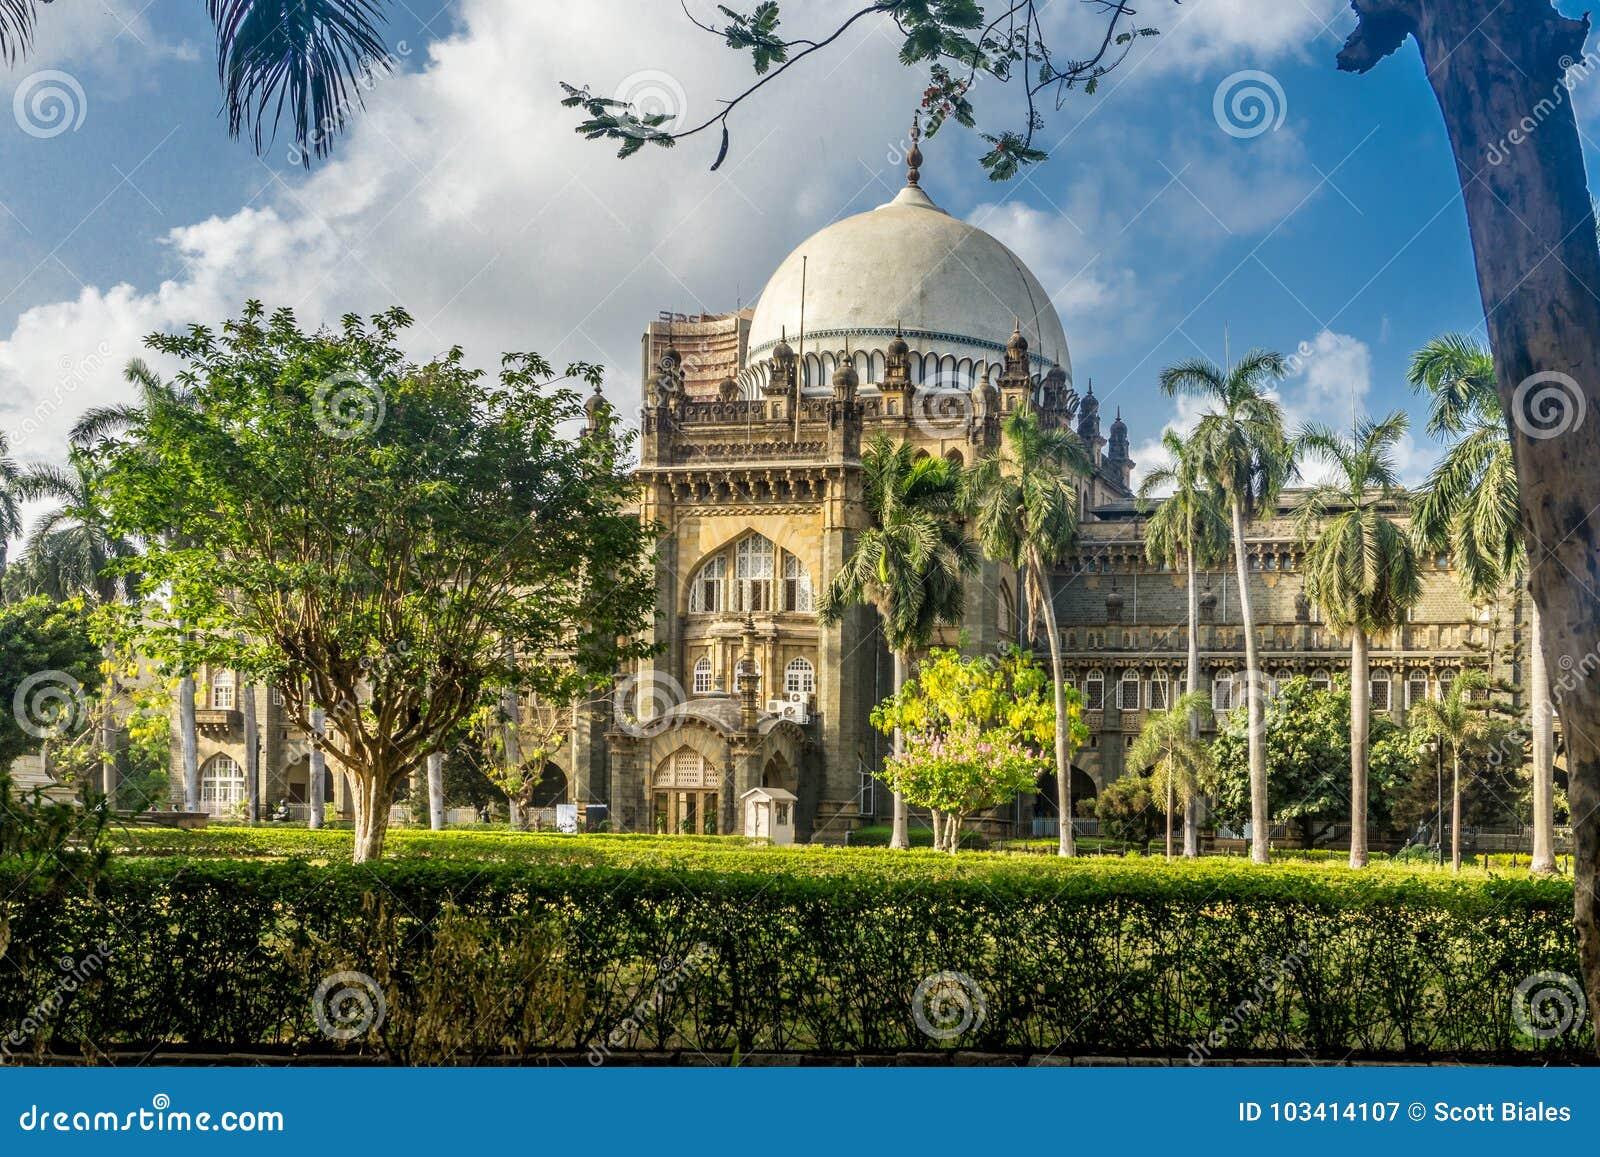 Victoria Museum in Mumbai, India